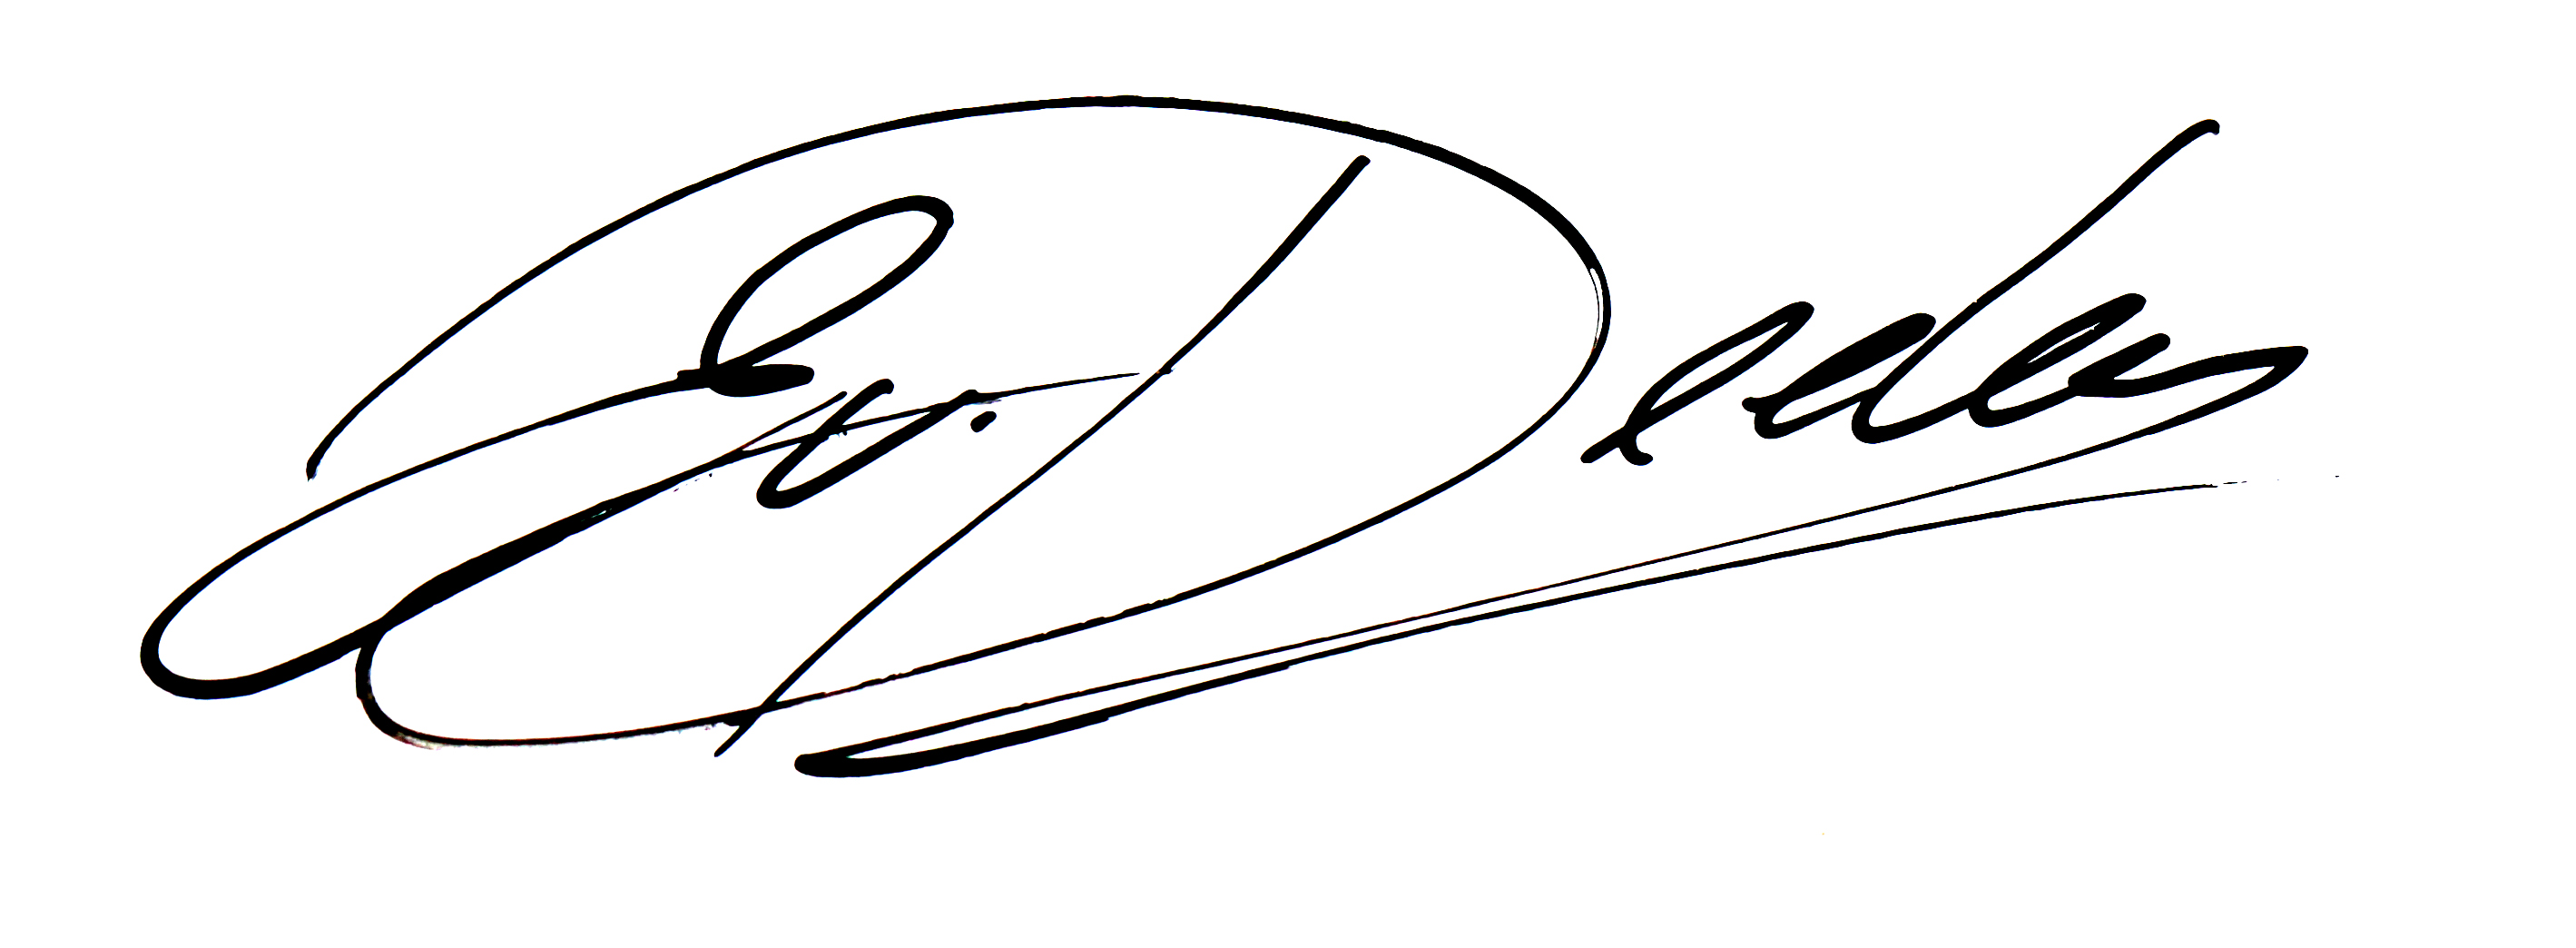 Ellen van Deelen Signature